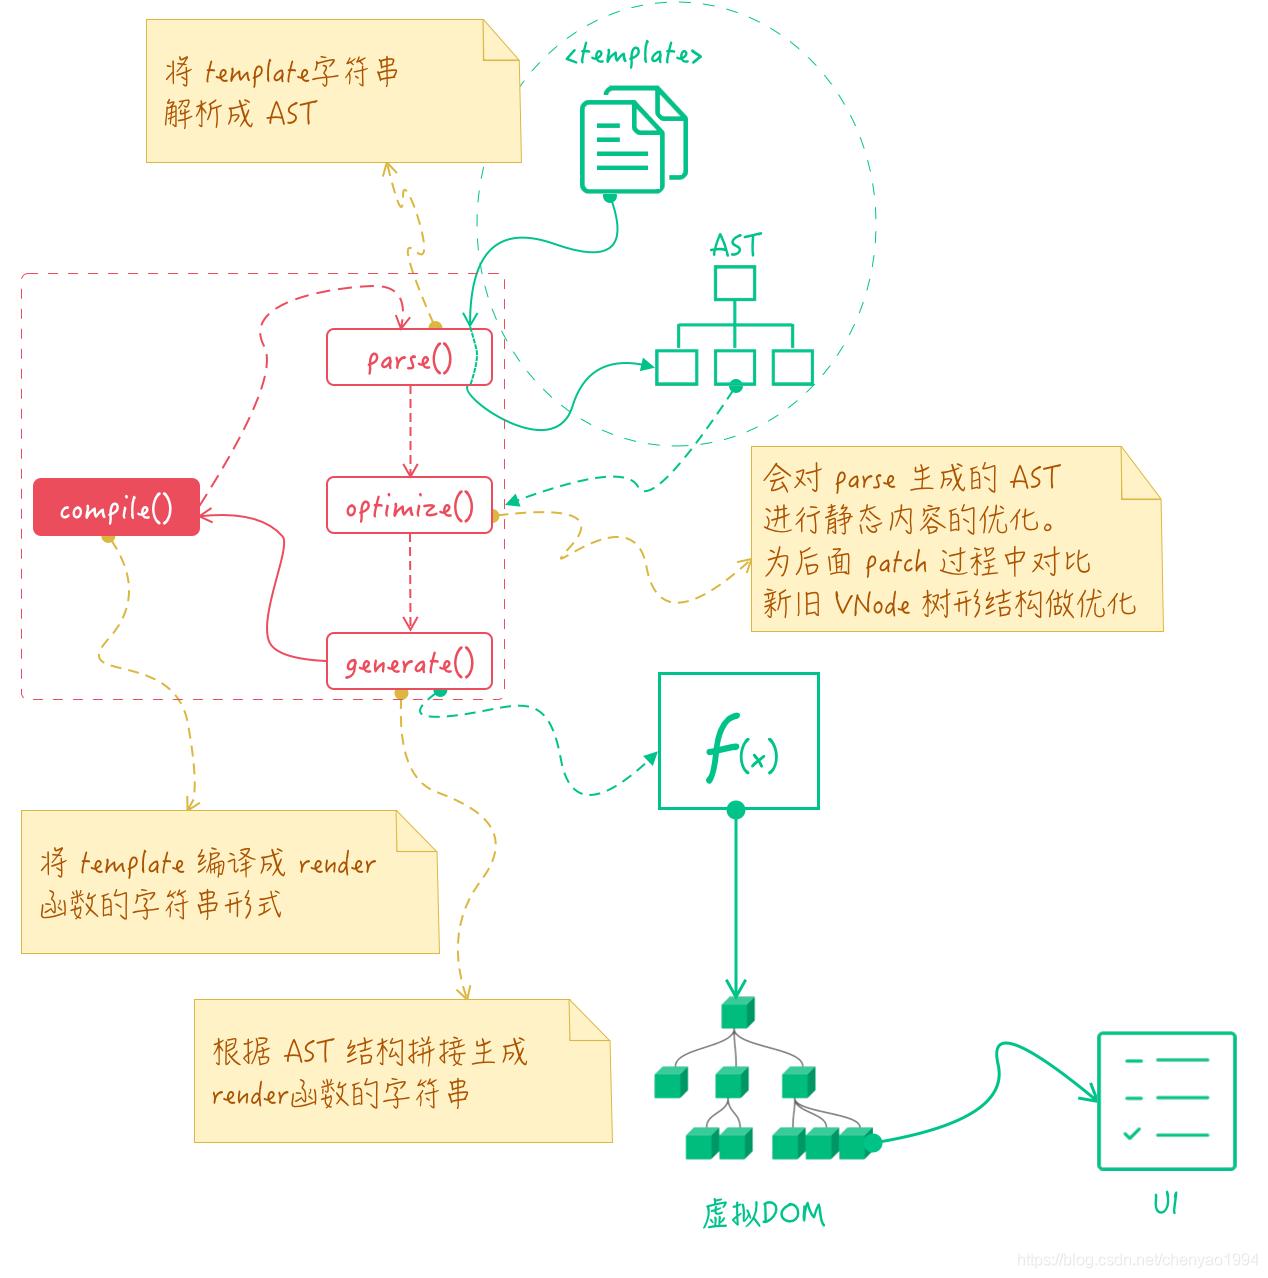 [外链图片转存失败,源站可能有防盗链机制,建议将图片保存下来直接上传(img-ixiChz0h-1591539070385)(images/295cefd20485dd093f1ff9f2687bf38d)]